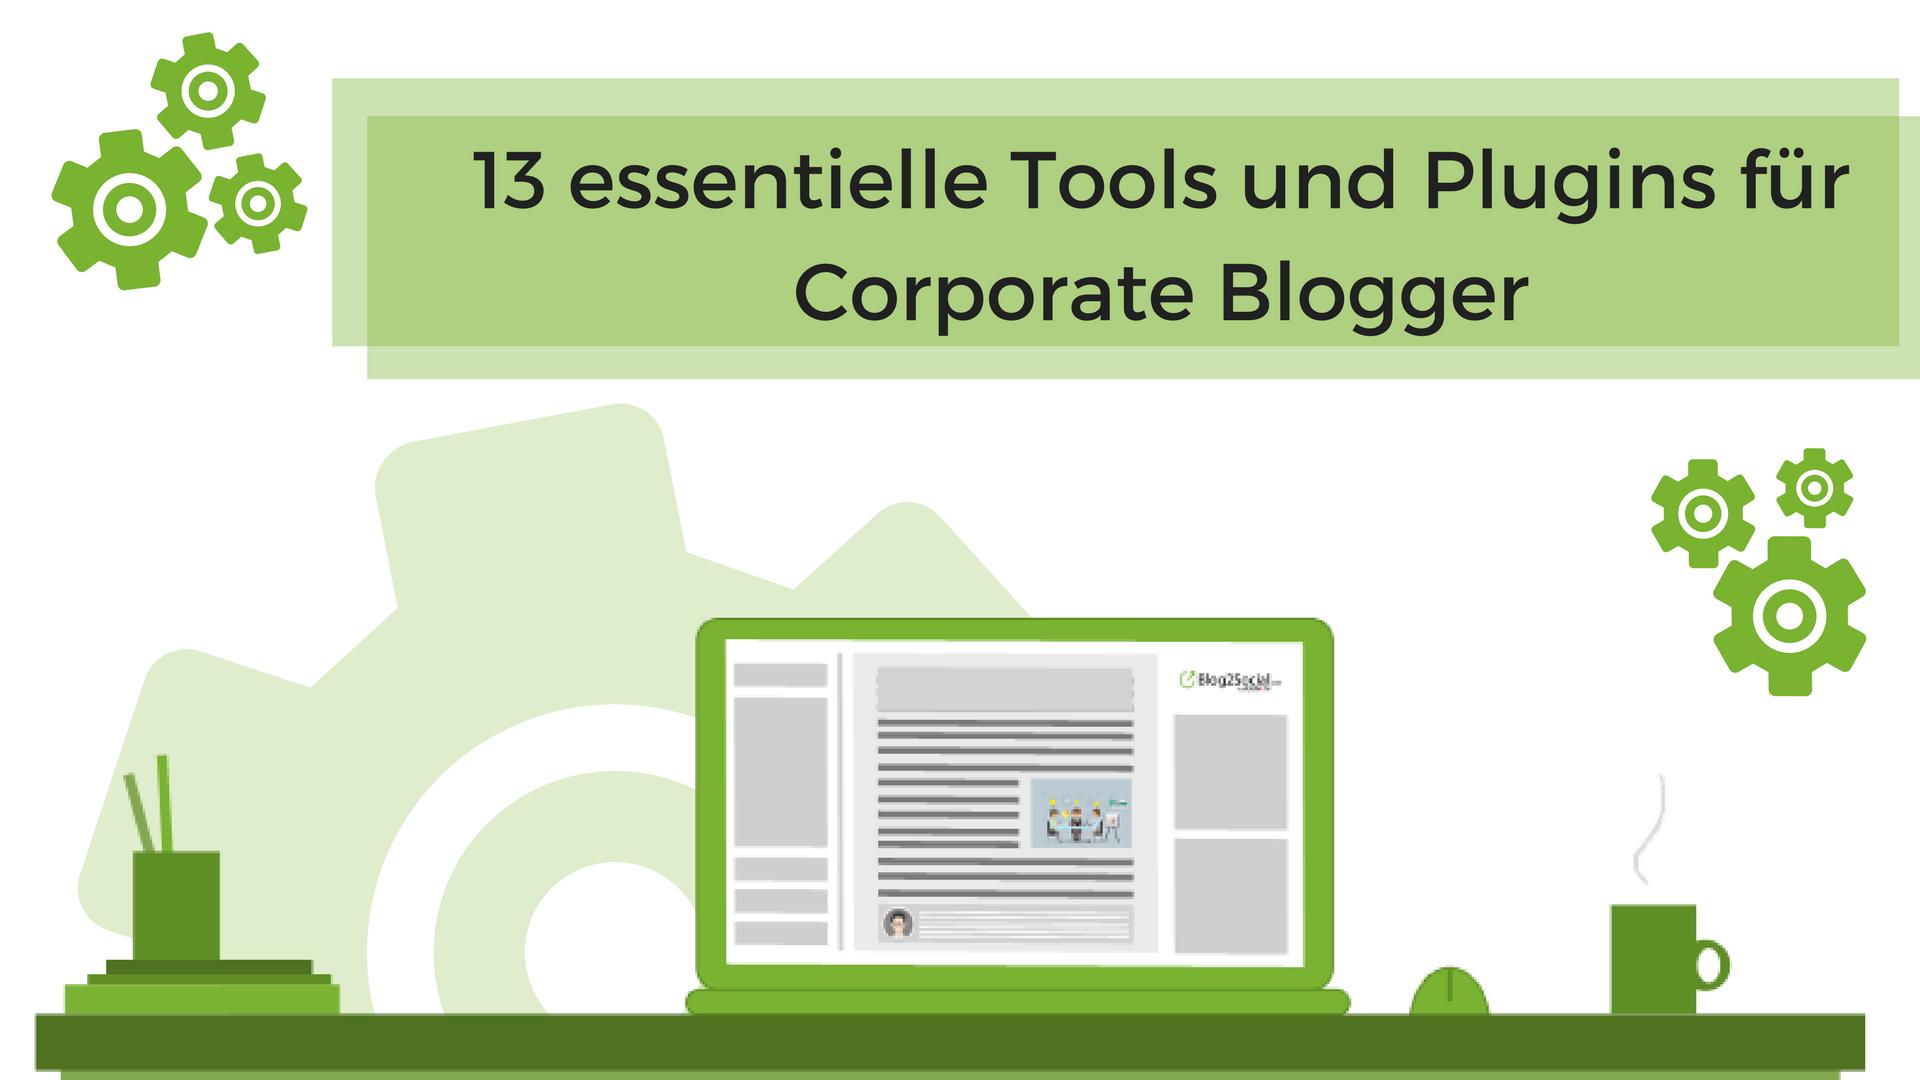 Von der Idee bis zum Seeding: 13 essentielle Tools und Plugins für Corporate Blogger